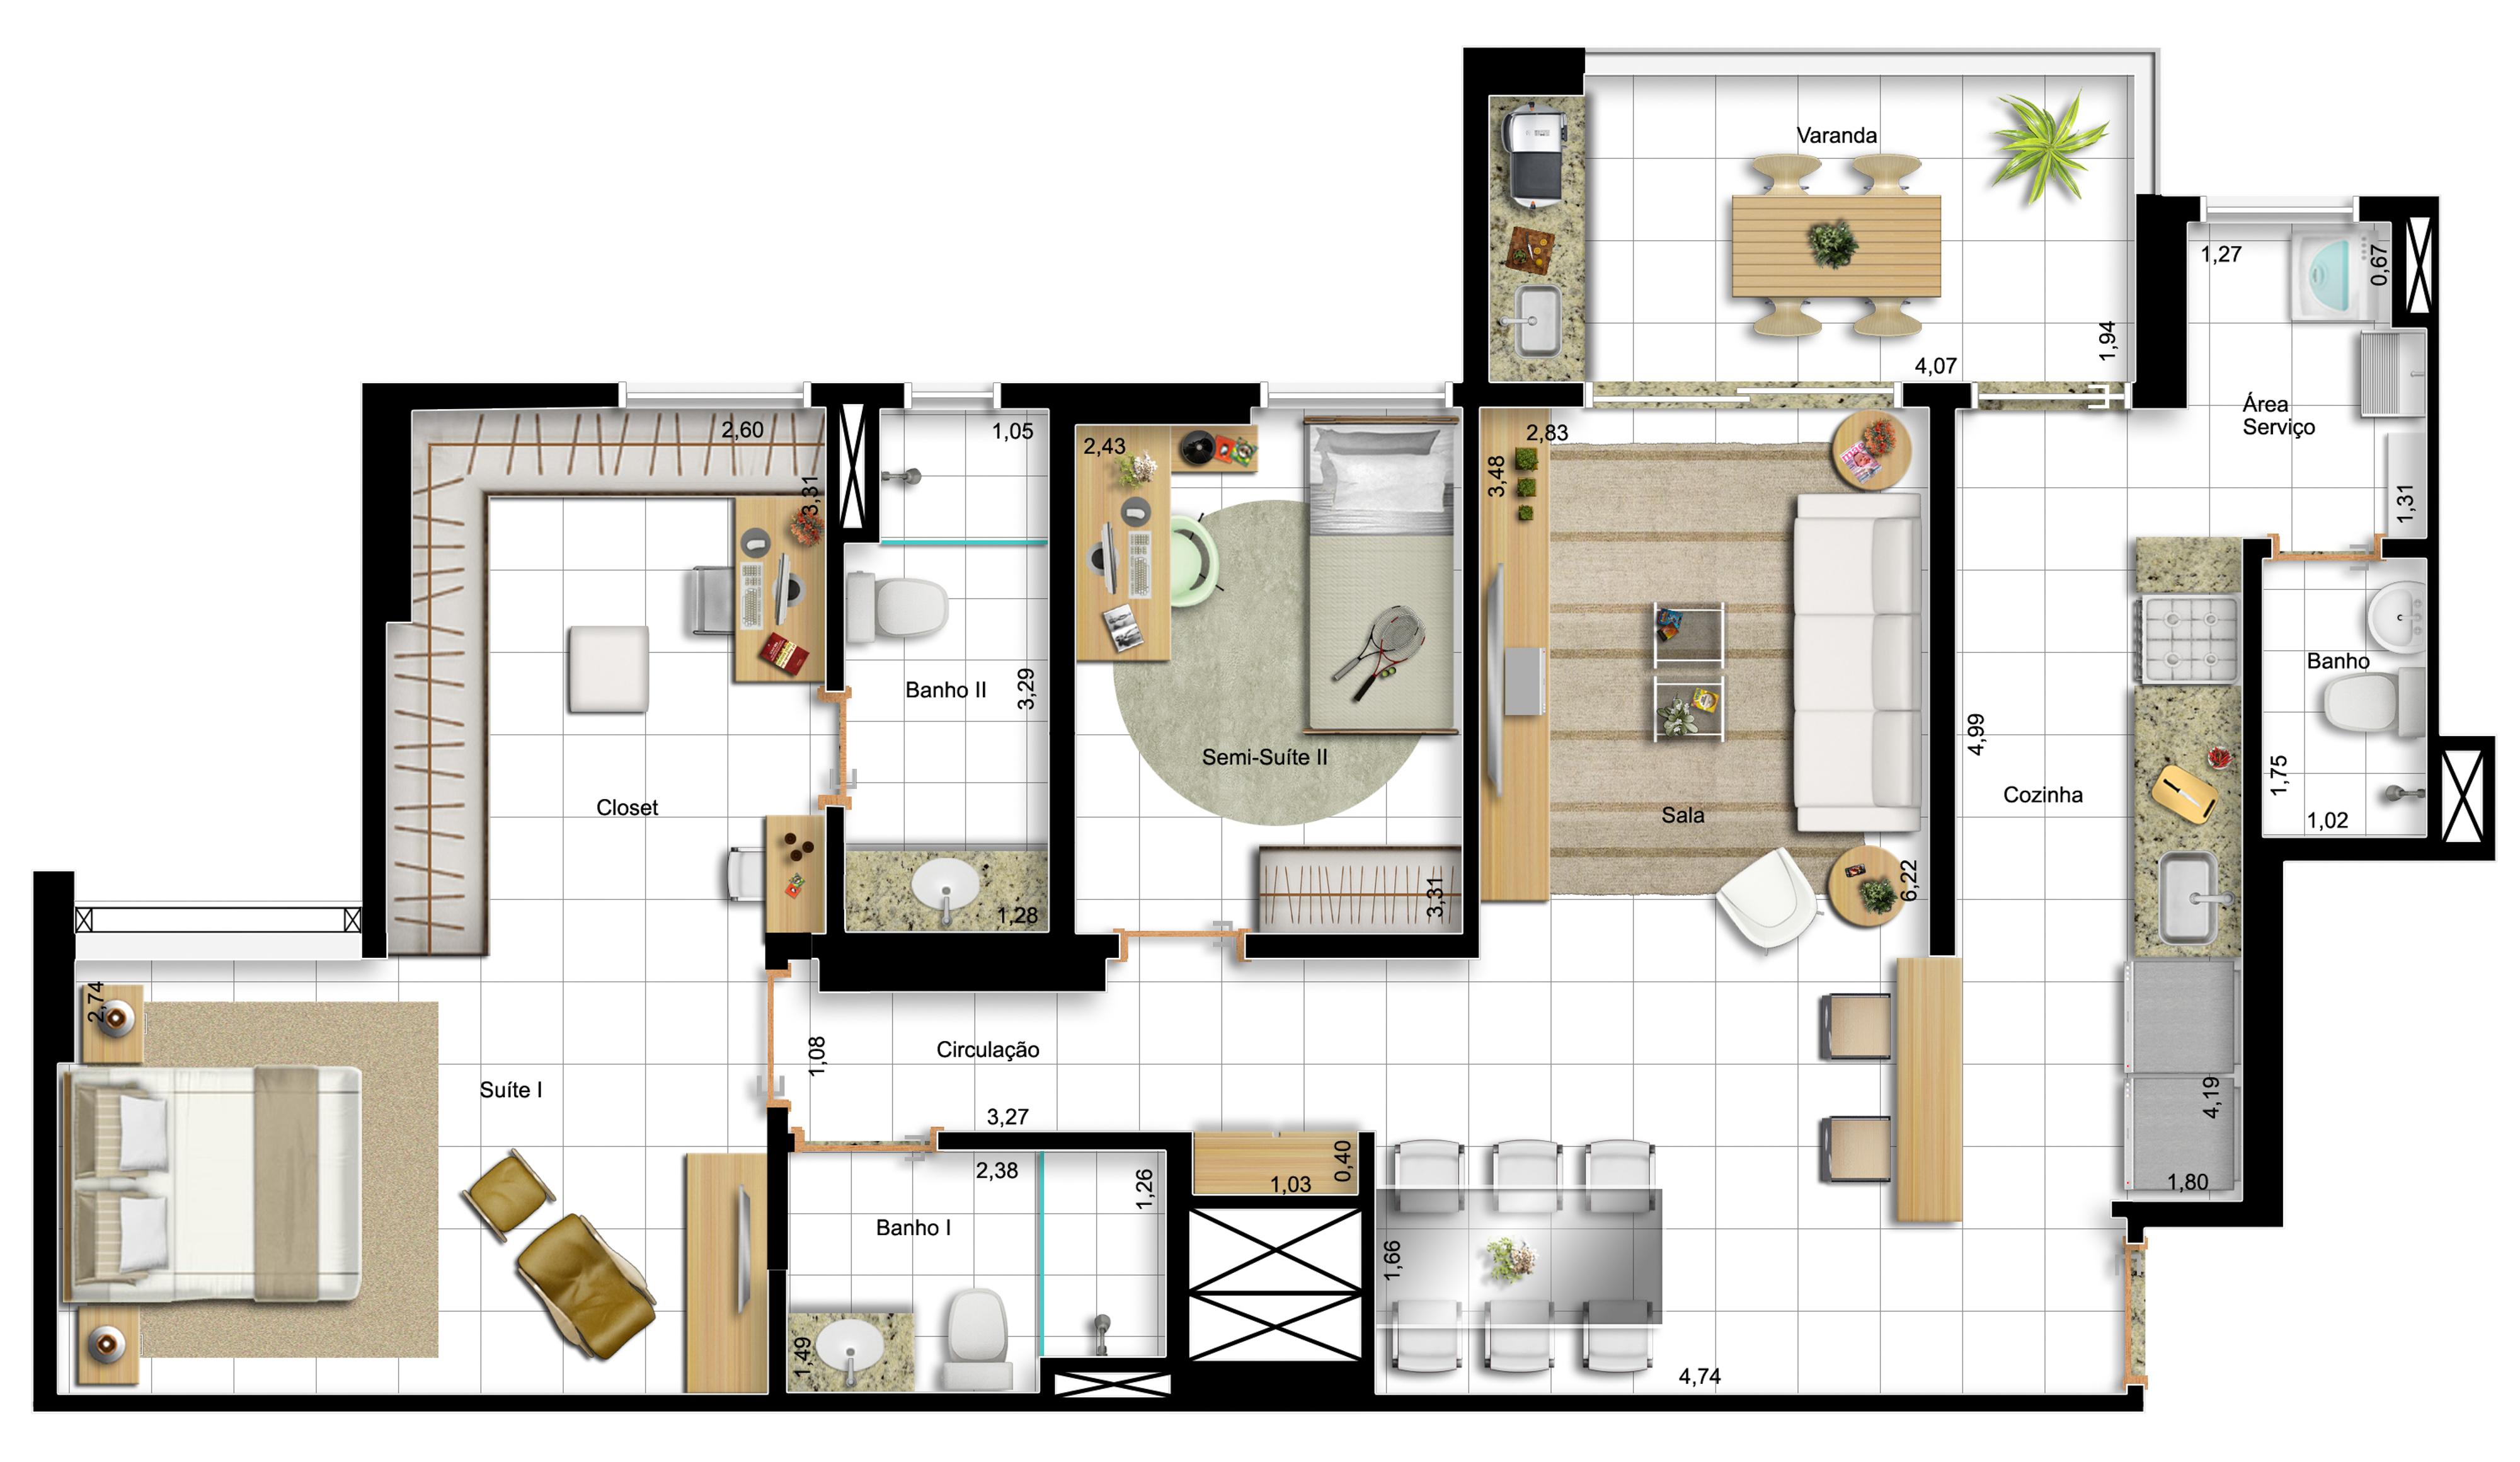 96,60m² 2 dorms - final 1 -  suíte master ampliada e cozinha americana